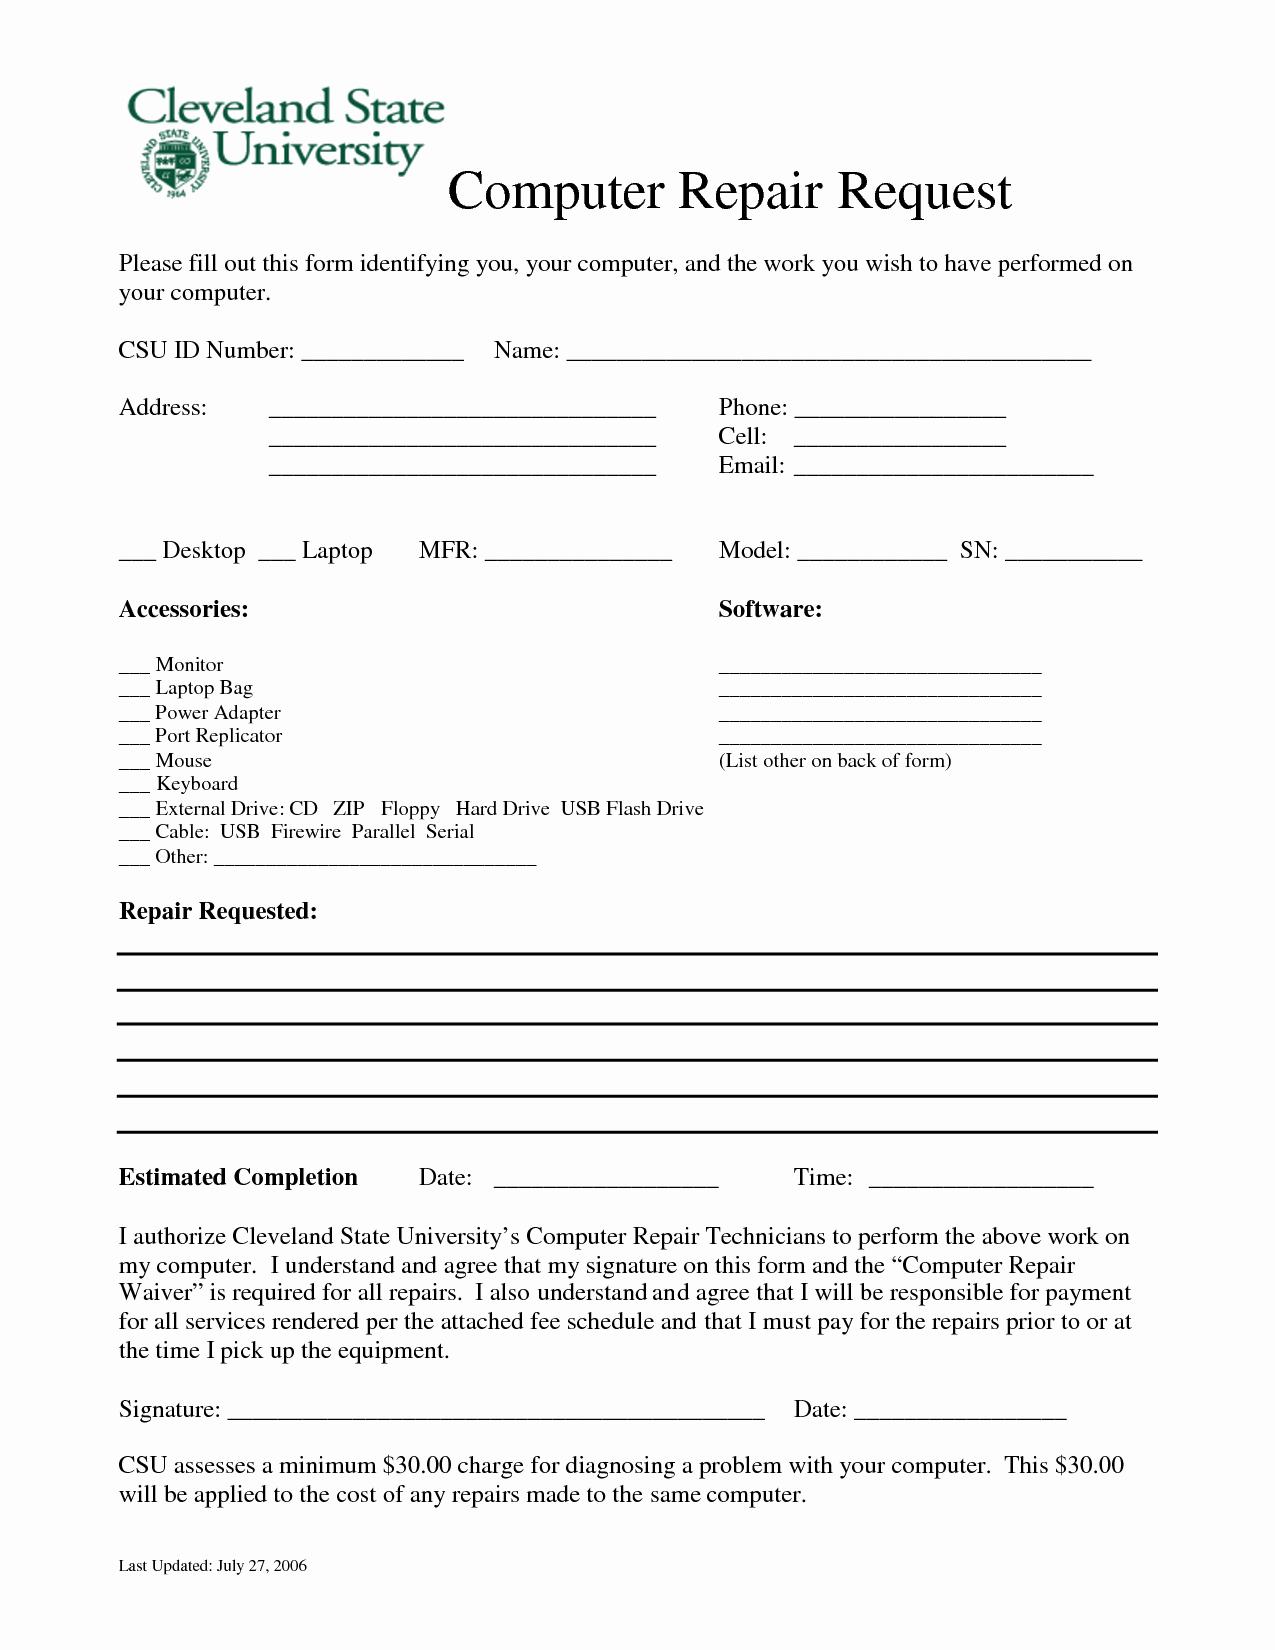 Computer Repair forms Templates Elegant Puter Repair forms Free Printable Documents